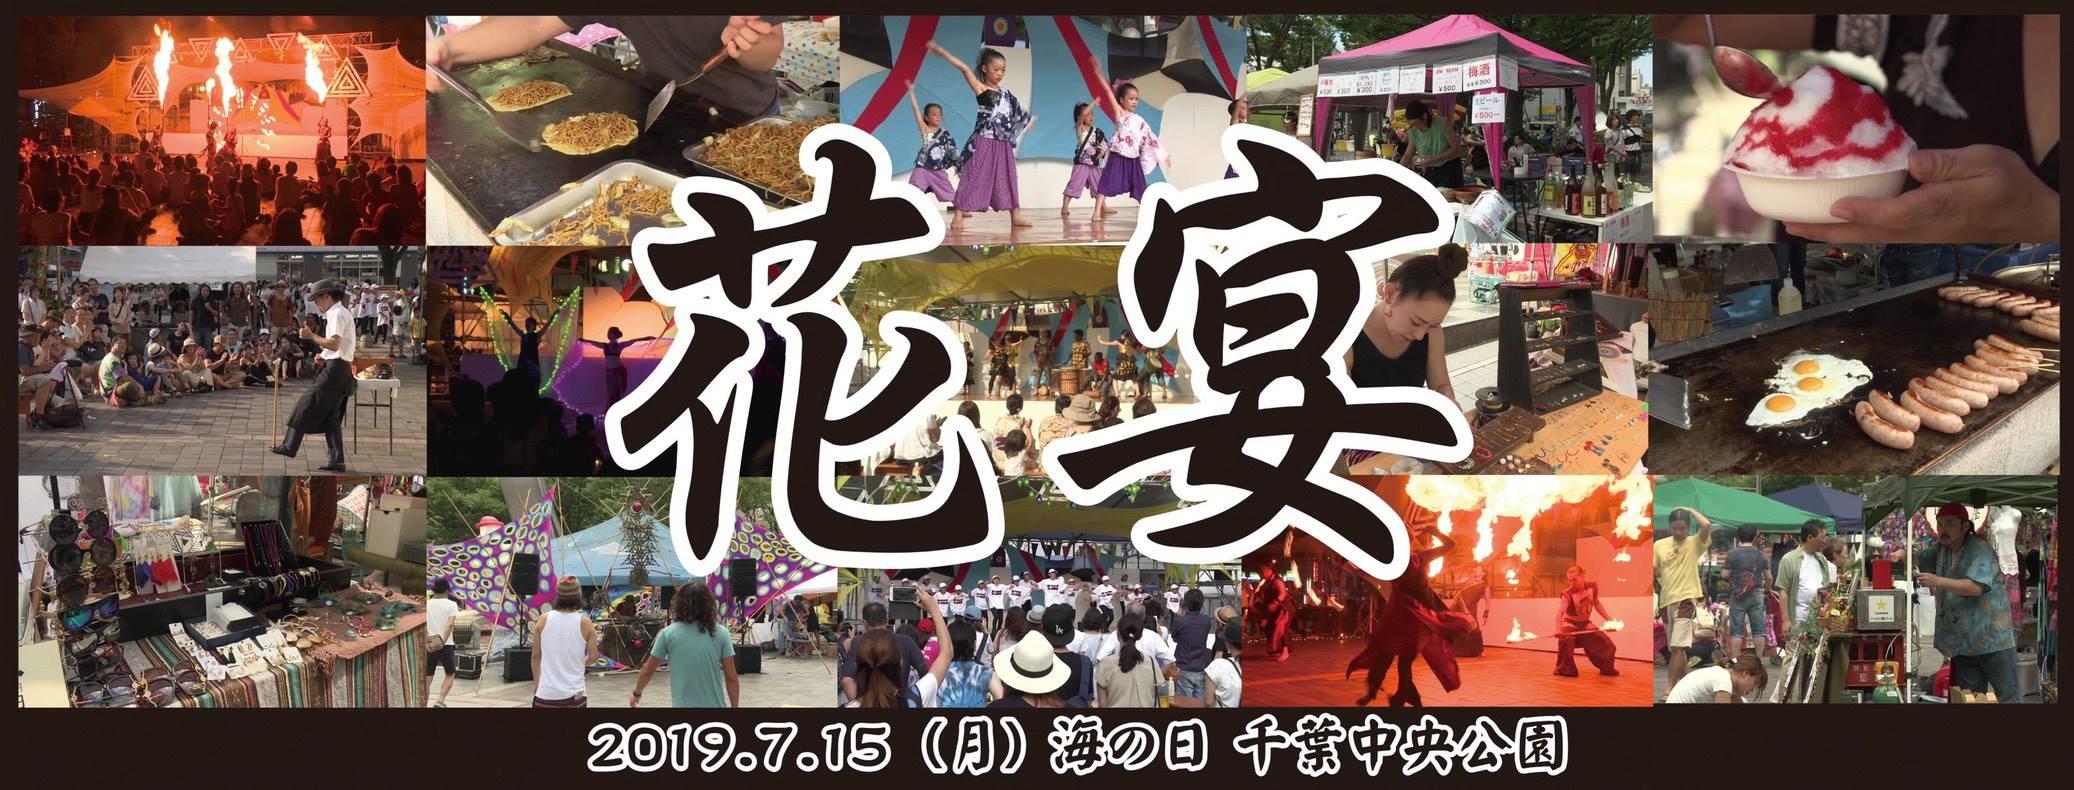 千葉中央公園イベント